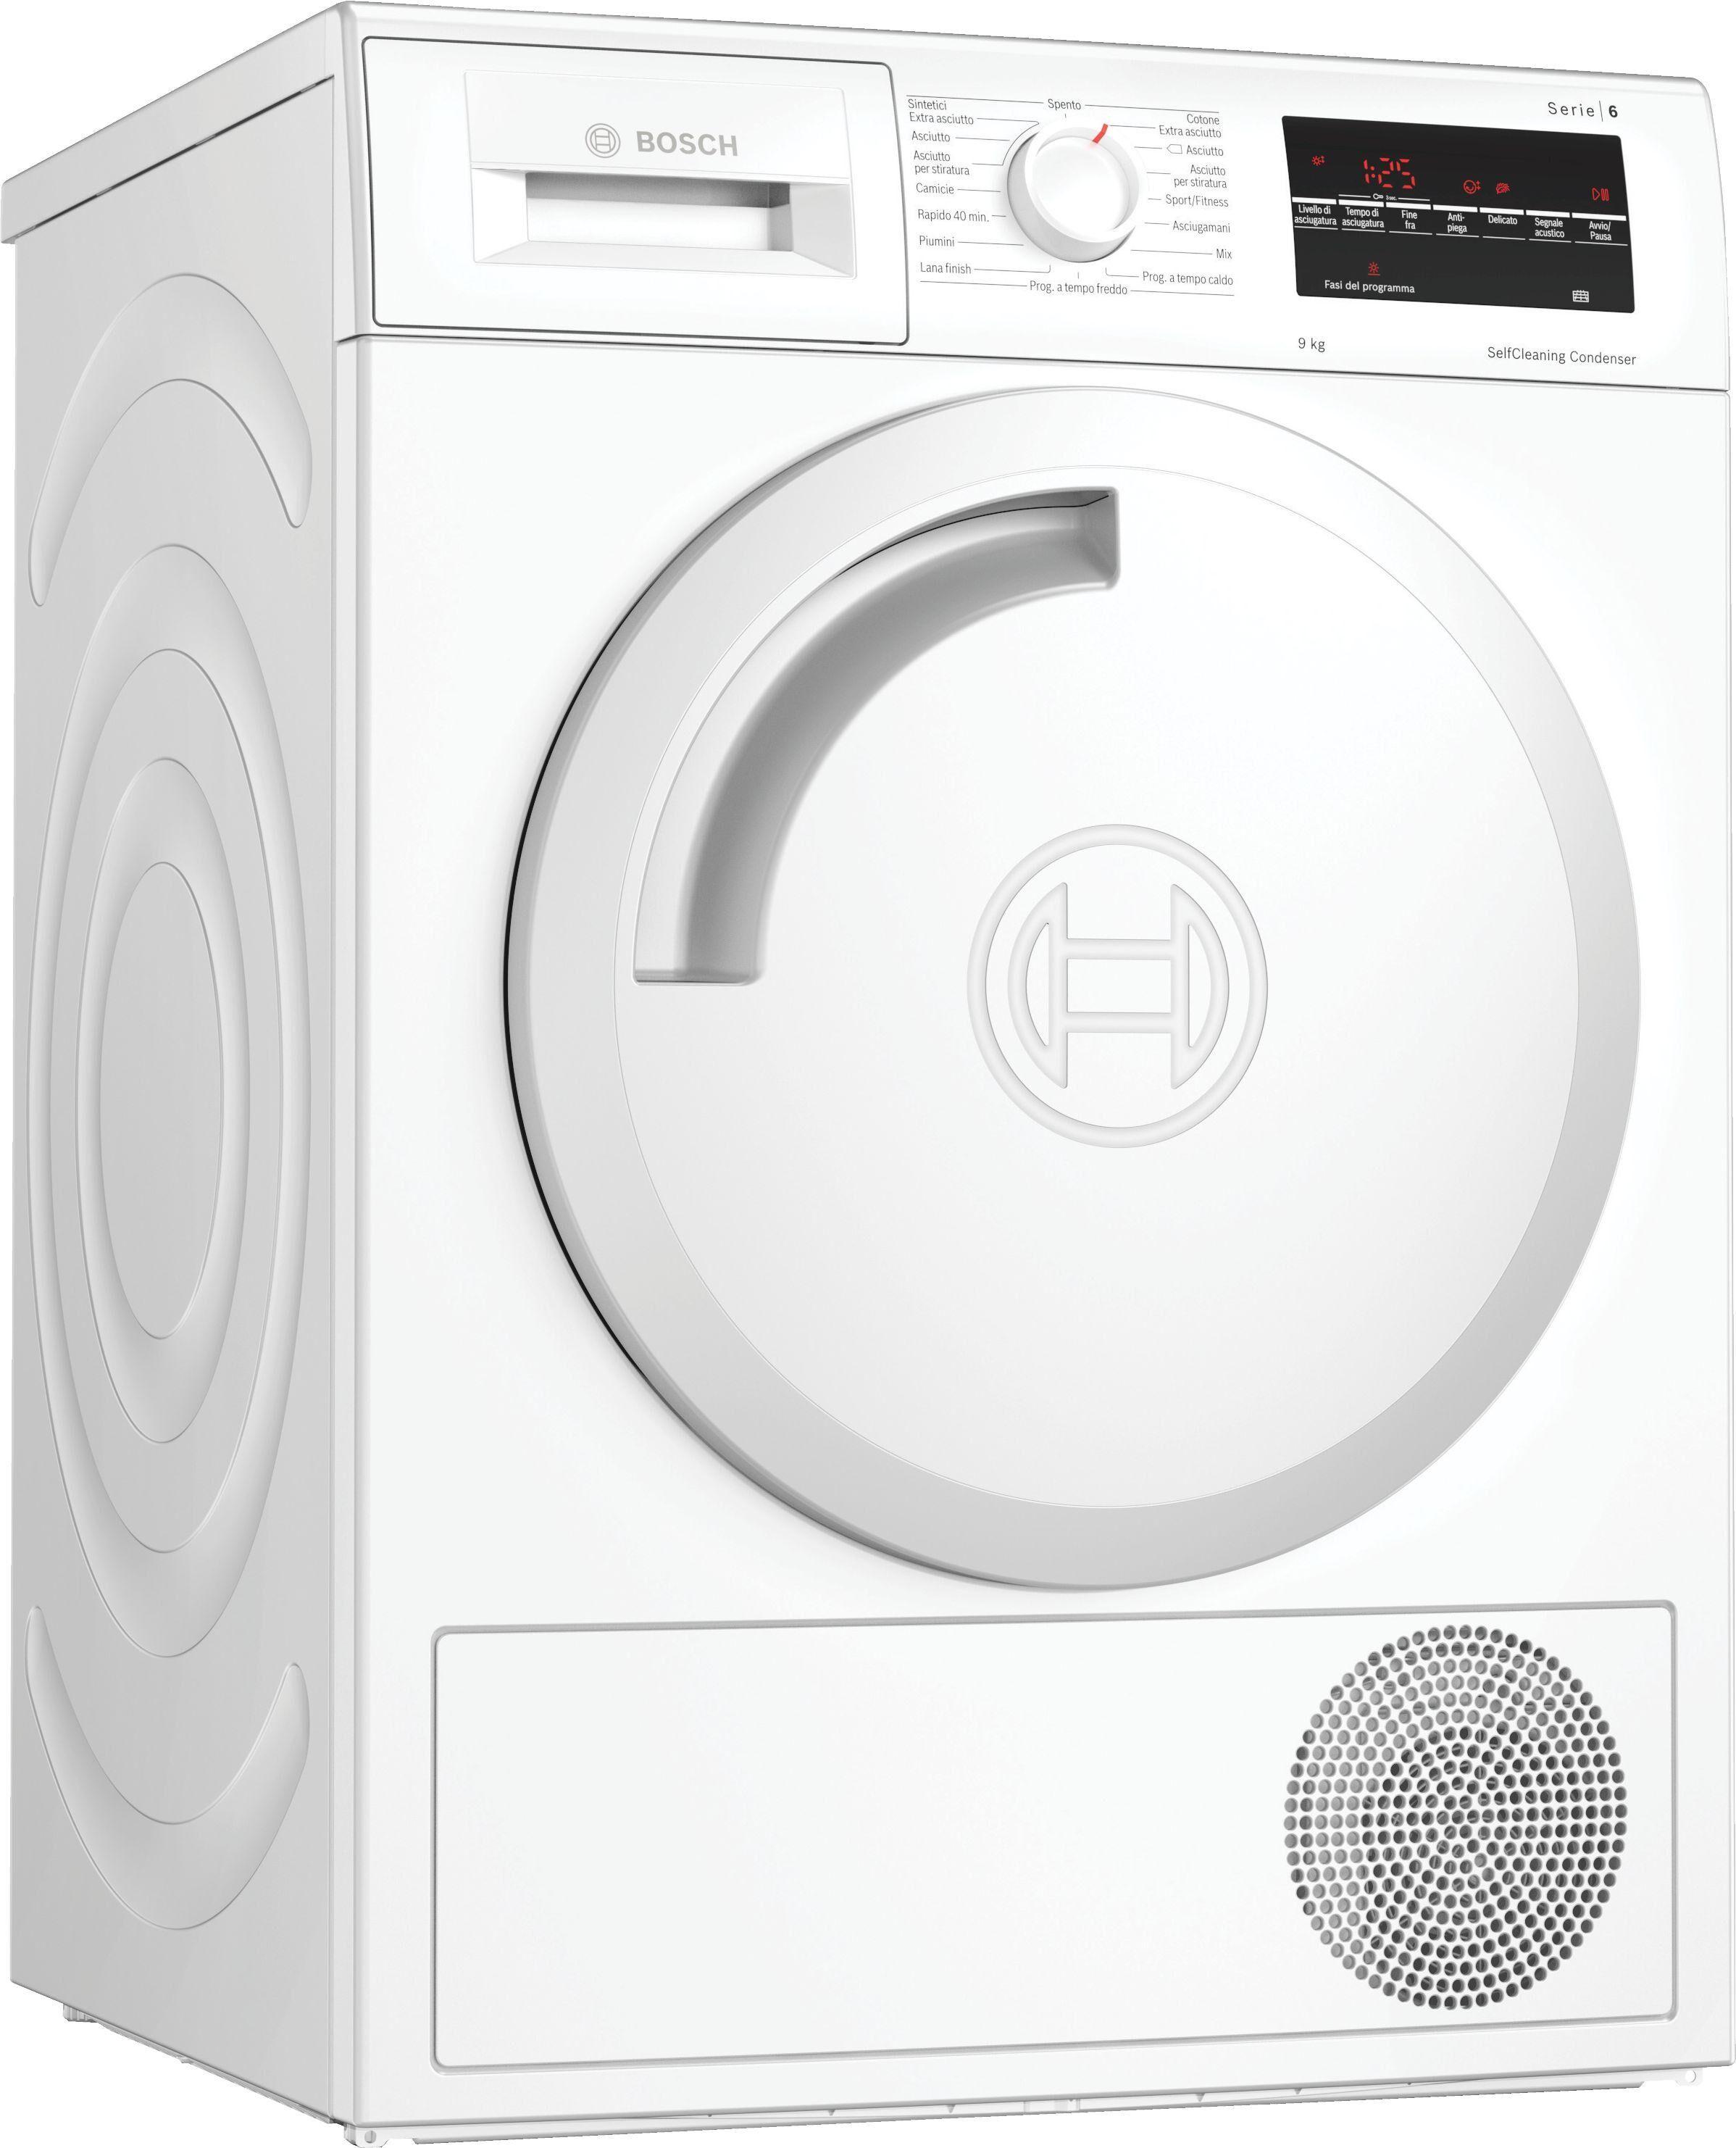 Bosch Serie 6 WTW83449II asciugatrice Libera installazione Caricamento frontale Bianco 9 kg A++ - GARANZIA ITALIA